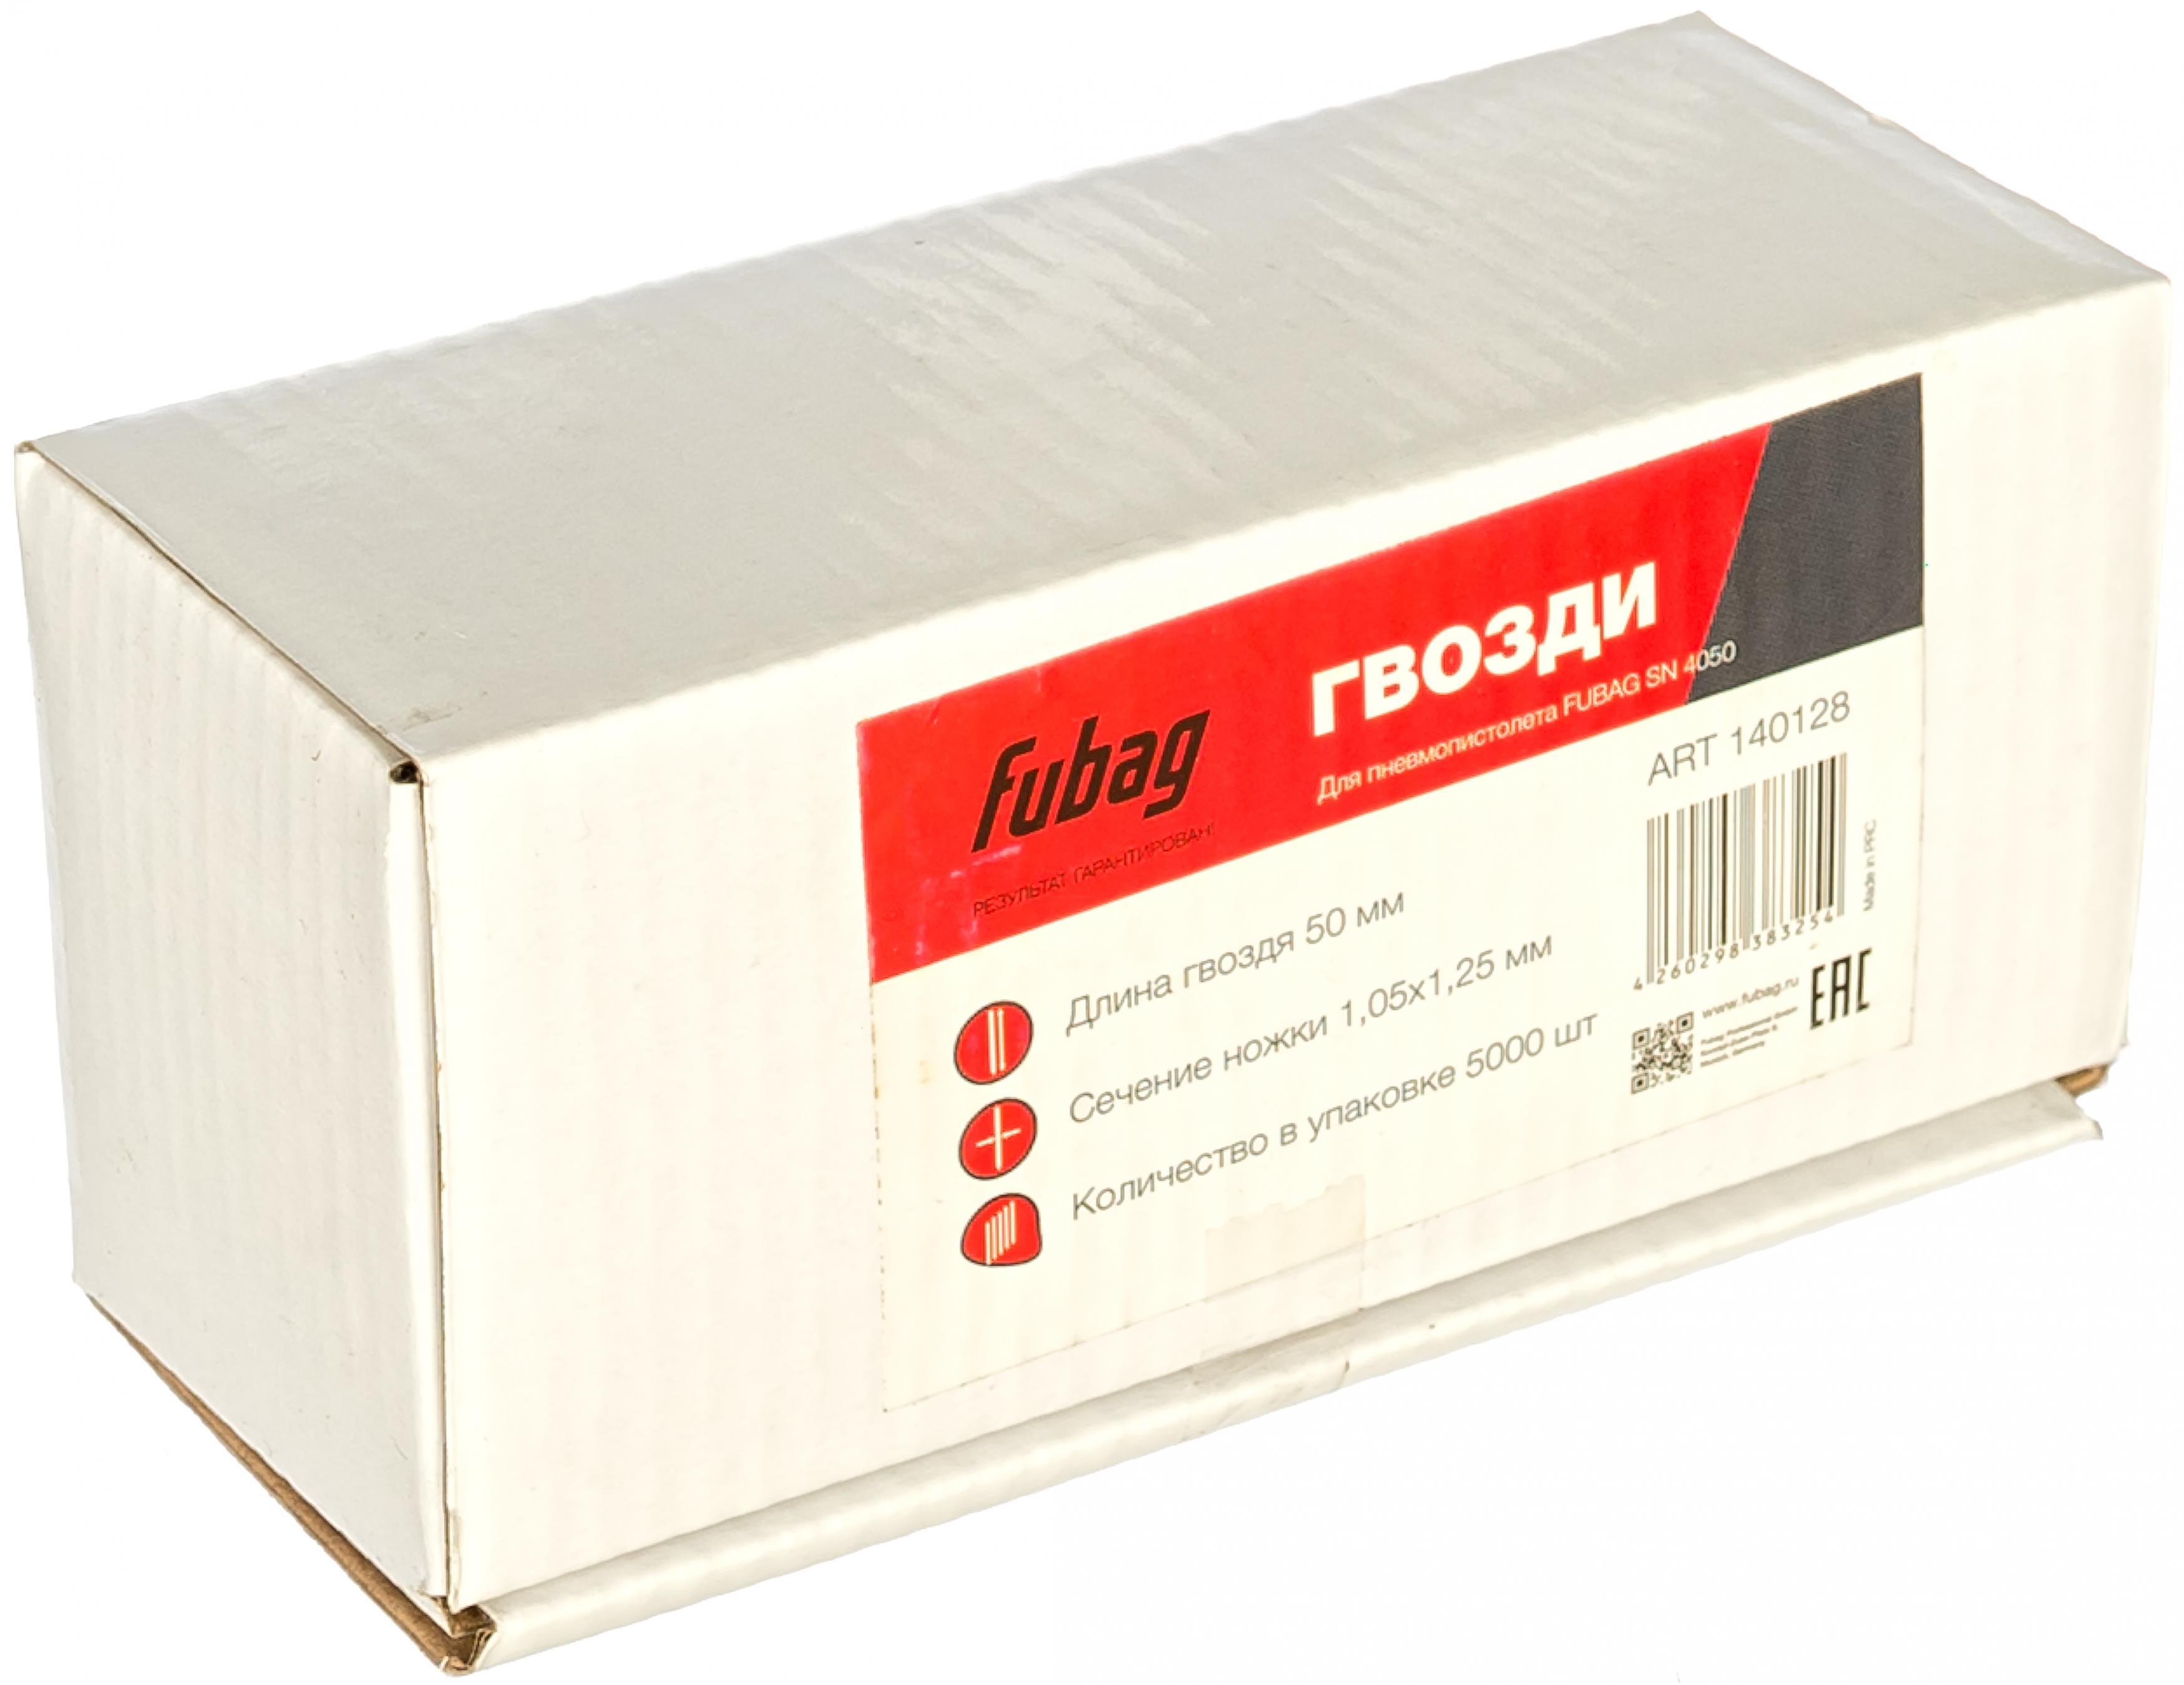 Гвозди для степлера Fubag для sn4050 140128 cкобы fubag для sn4050 1 05x1 25 мм 5 7x40 0 5000шт 140137